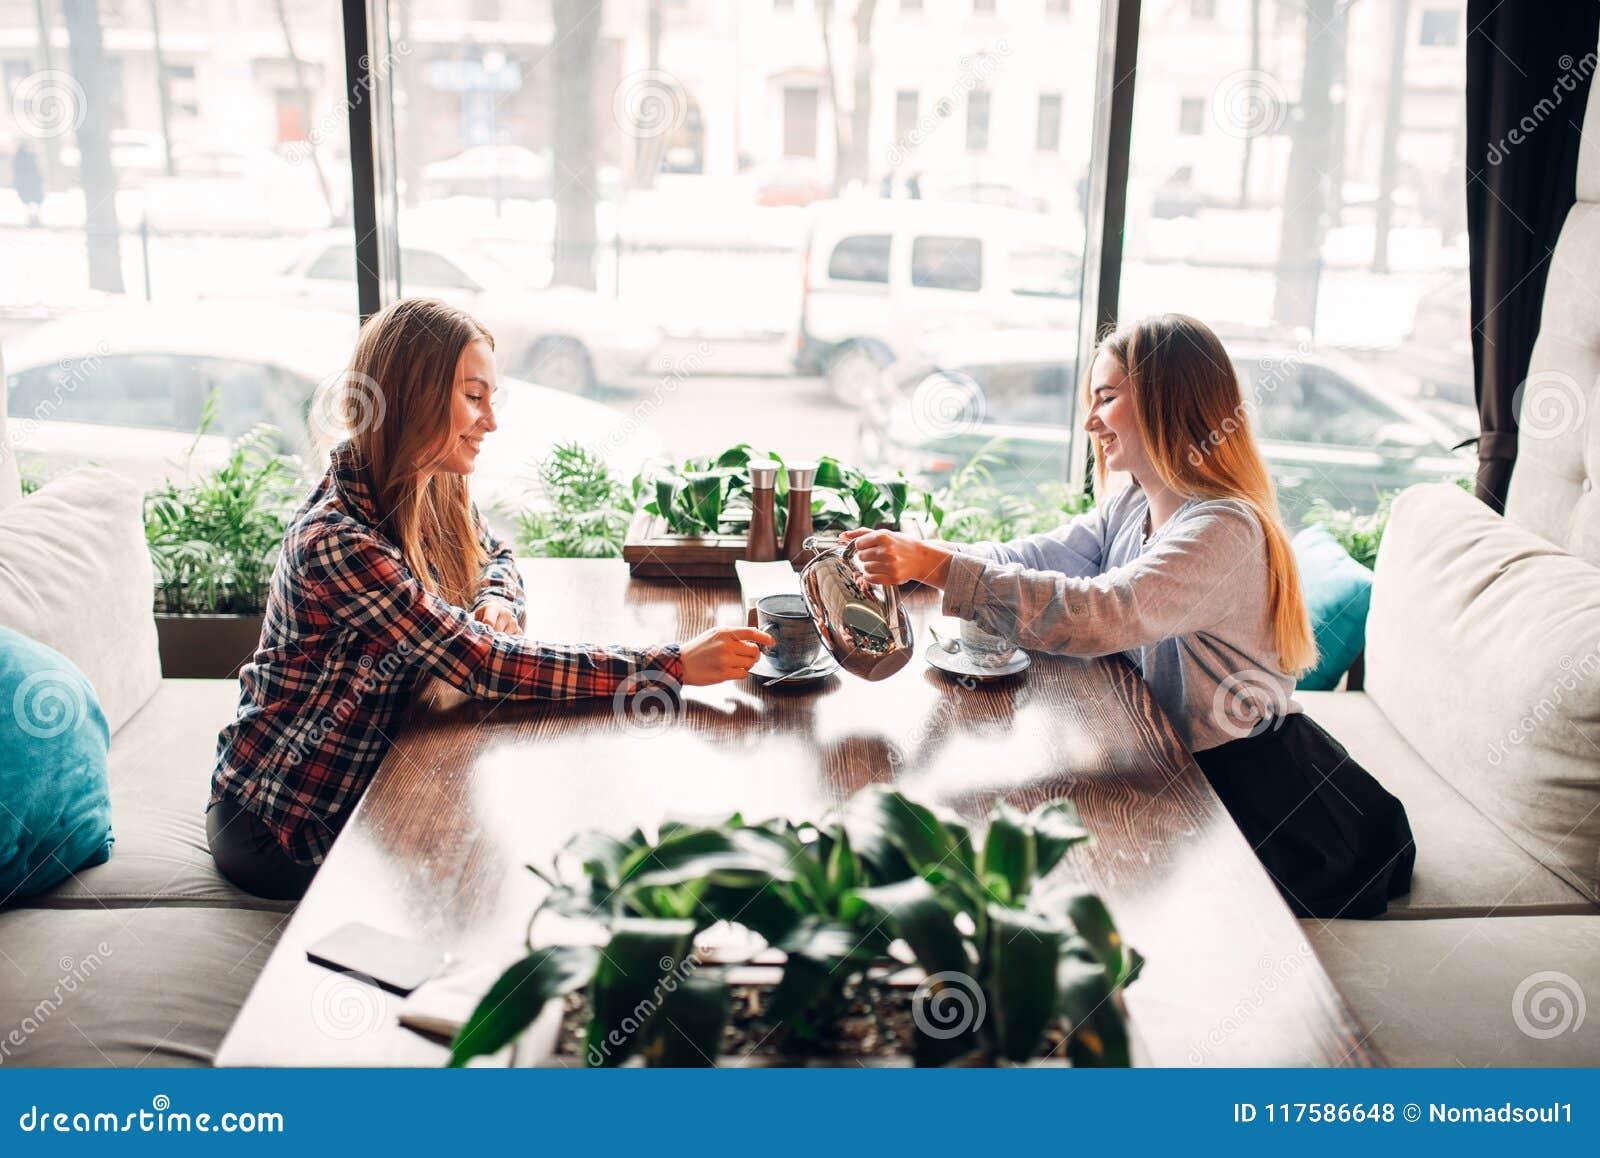 2 подруги встречали в кафе для того чтобы выпить кофе